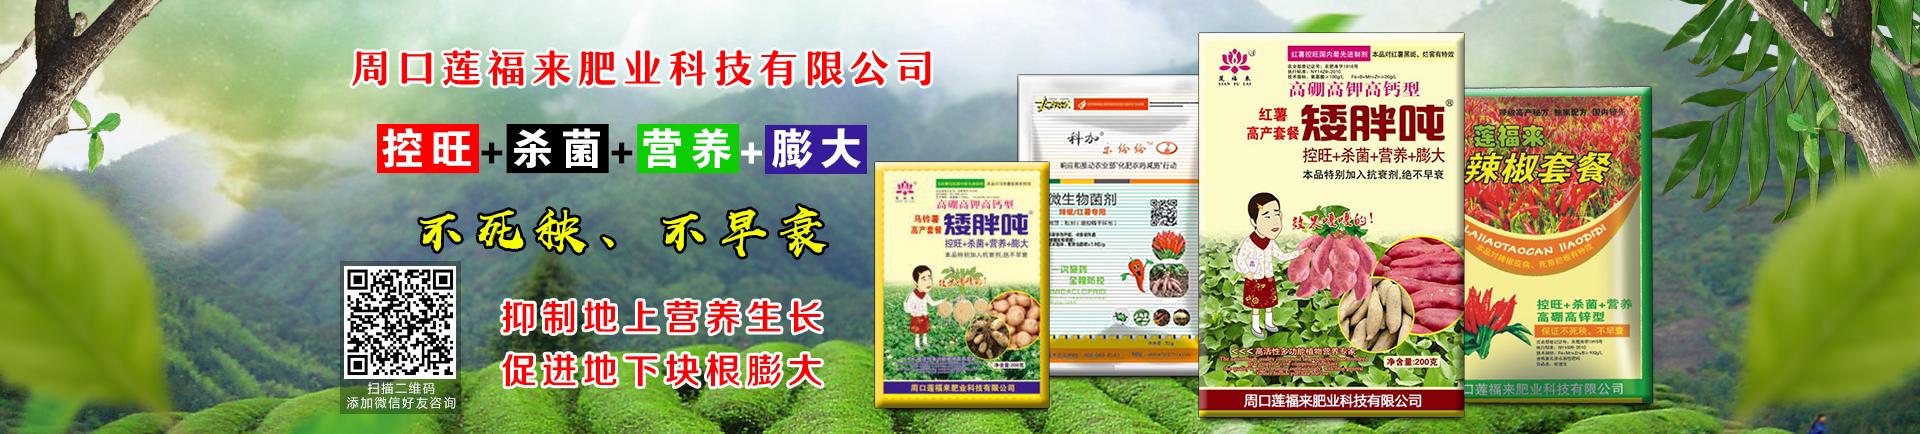 周口莲福来肥业科技有限公司